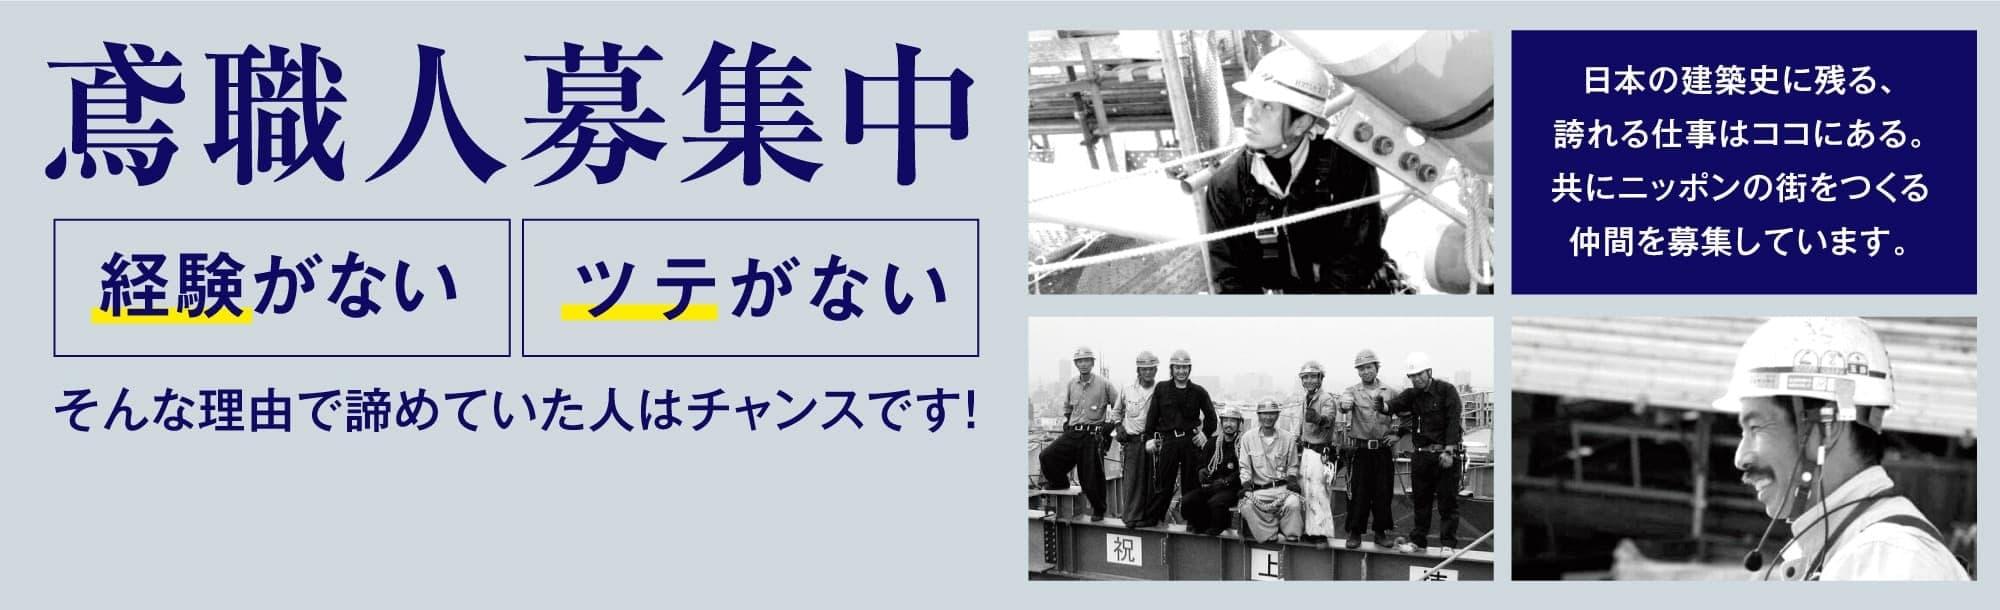 鳶職人募集中。経験がない。ツテがない。そんな理由で諦めていた人はチャンスです! 日本の建築史に残る、誇れる仕事はココにある。共にニッポンの街をつくる仲間を募集しています。